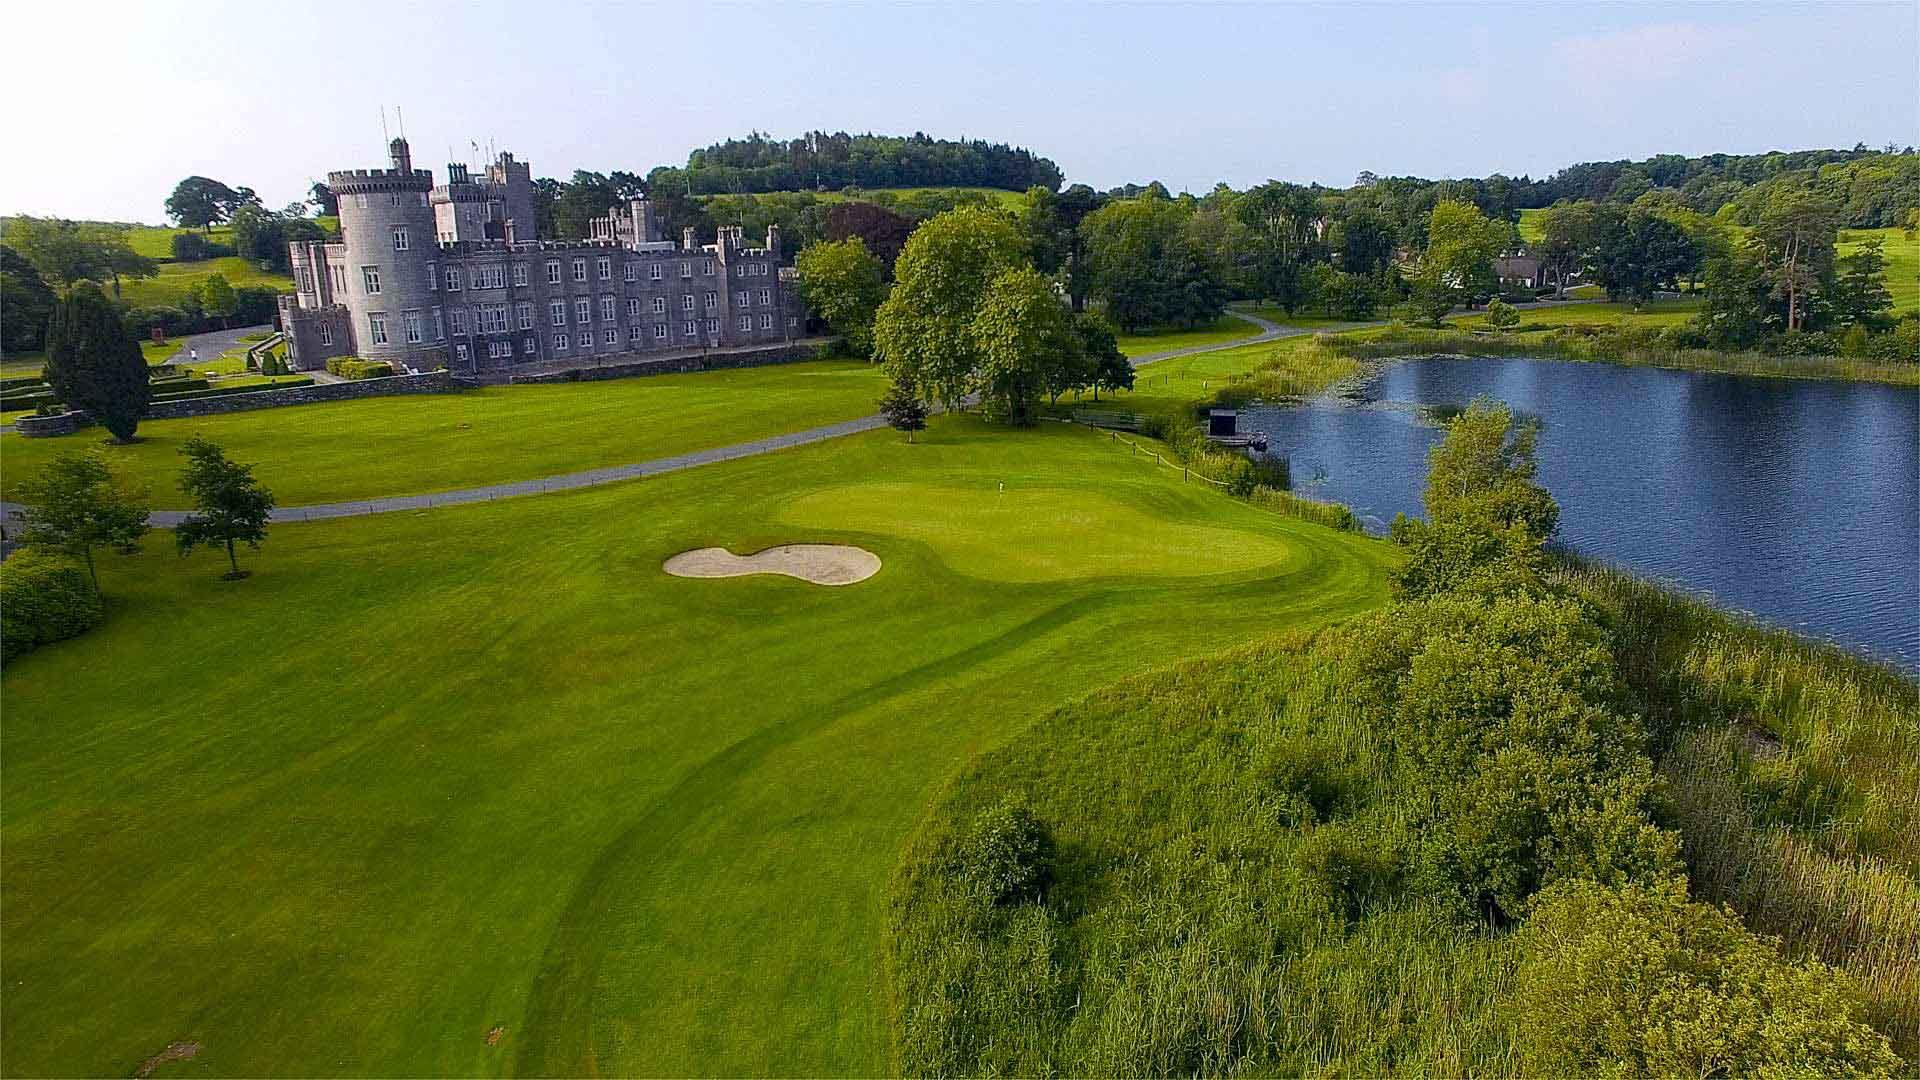 Dromoland Castle Hotel & Golf Club